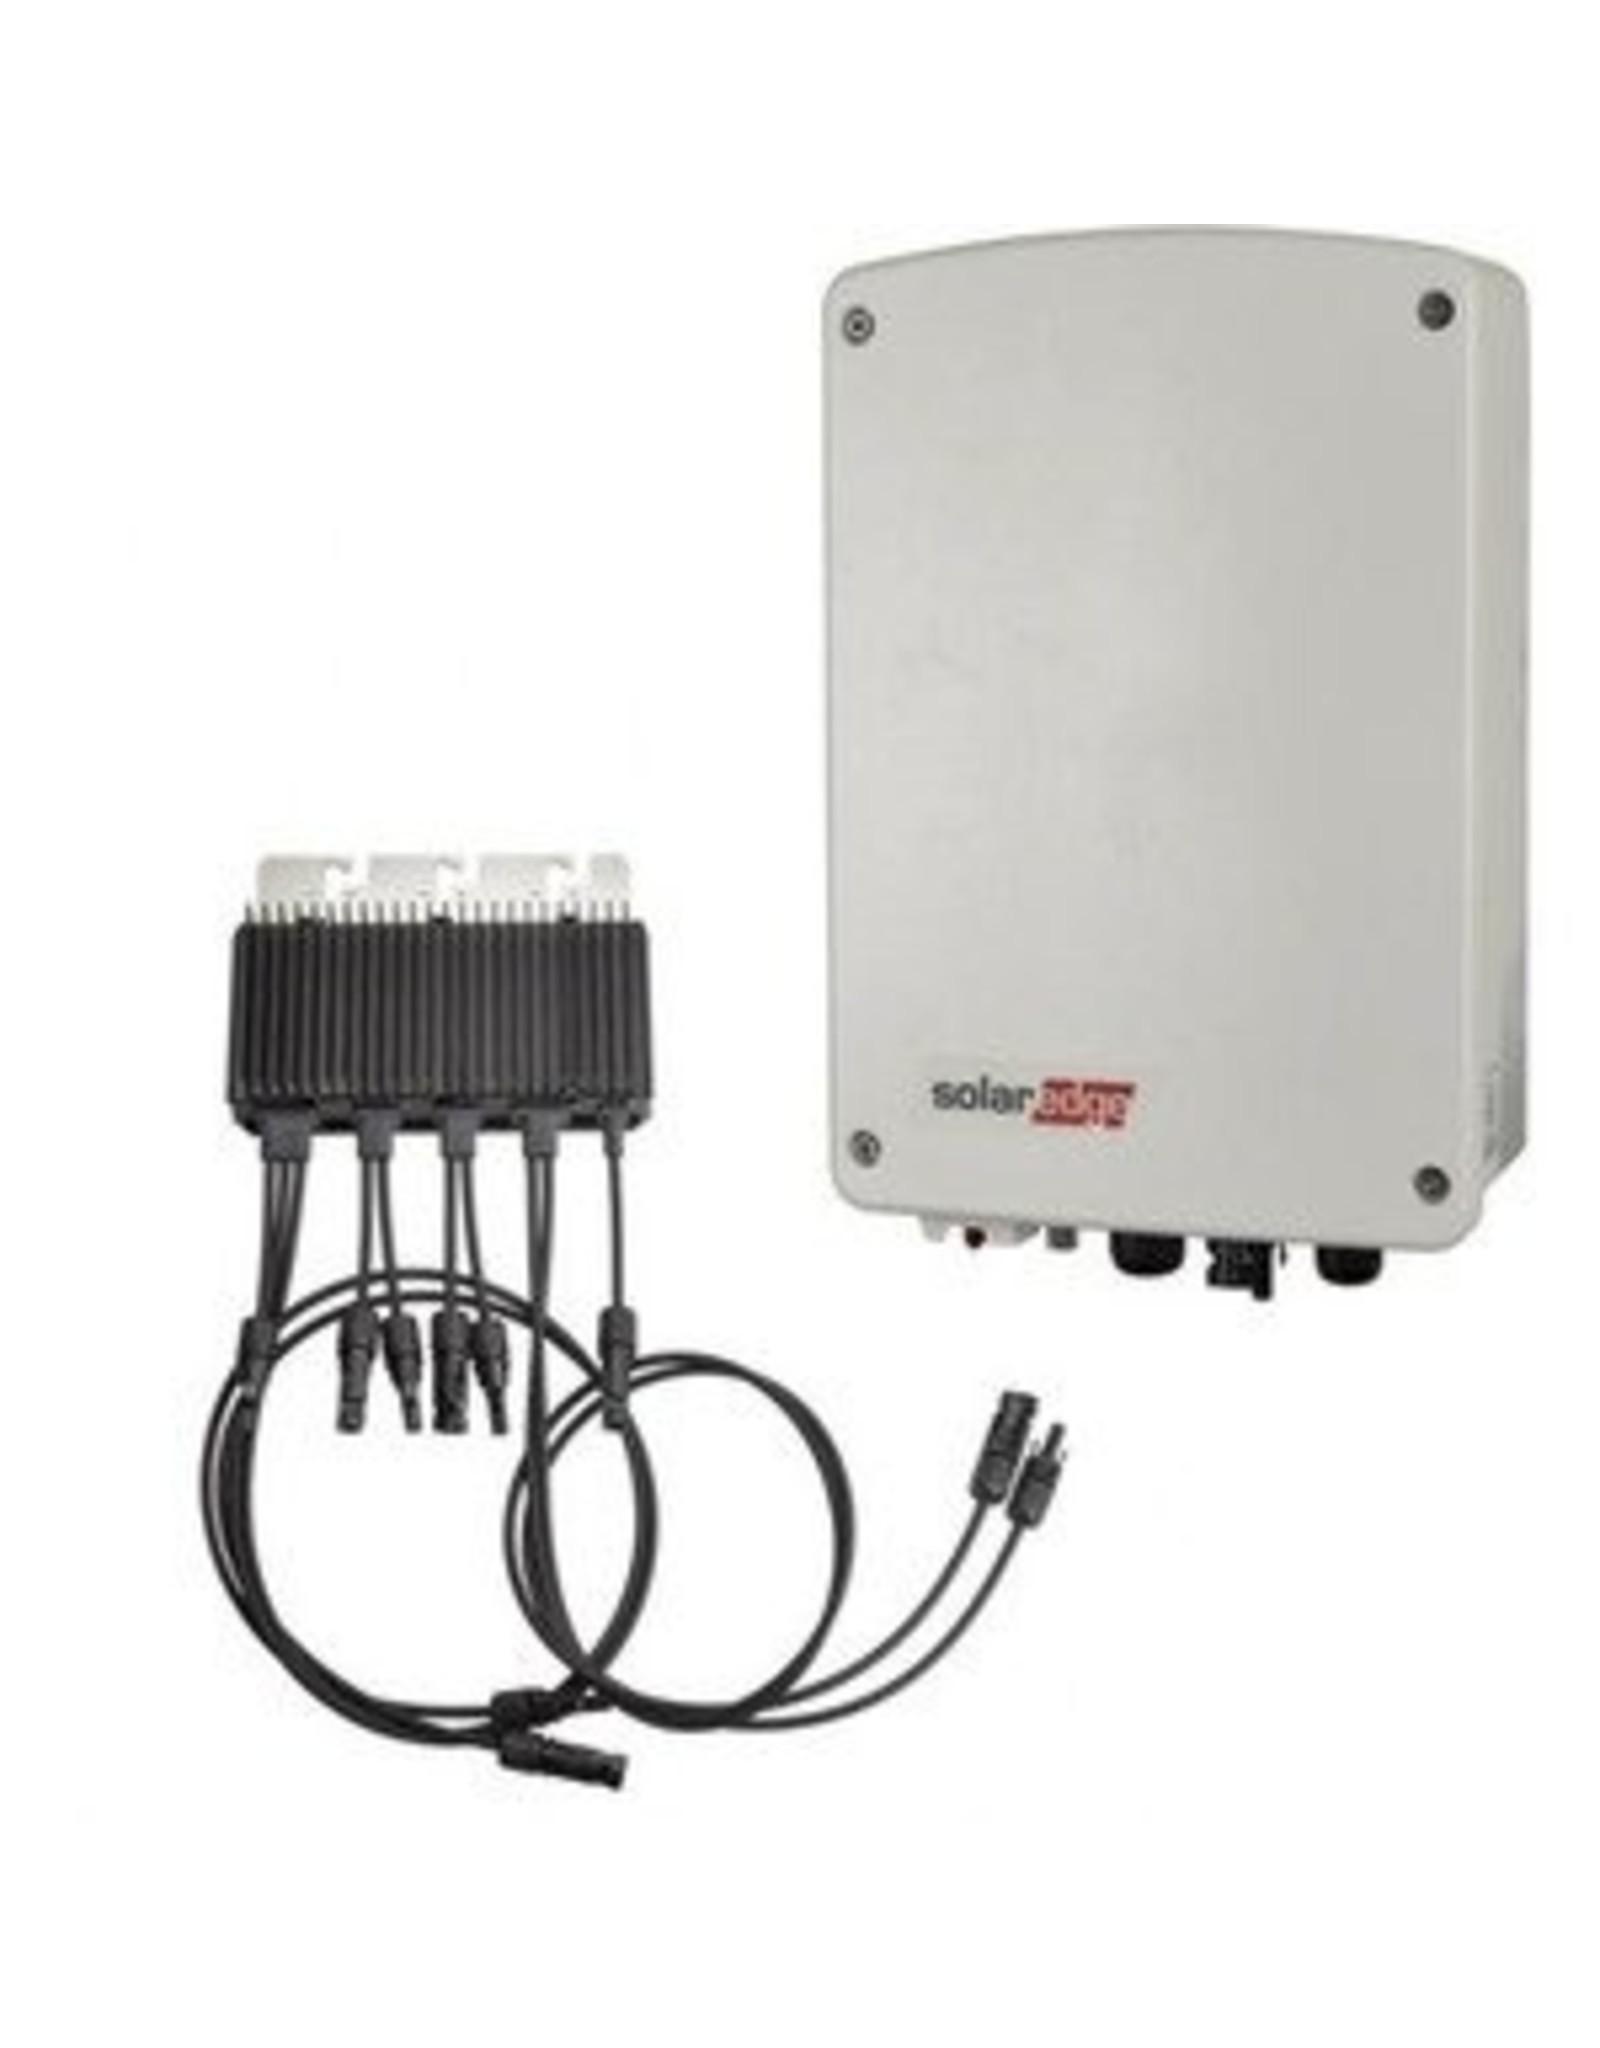 SolarEdge SolarEdge SE1500M enkelfase omvormer 1.5 kW met M2640 optimizer, basic / extended